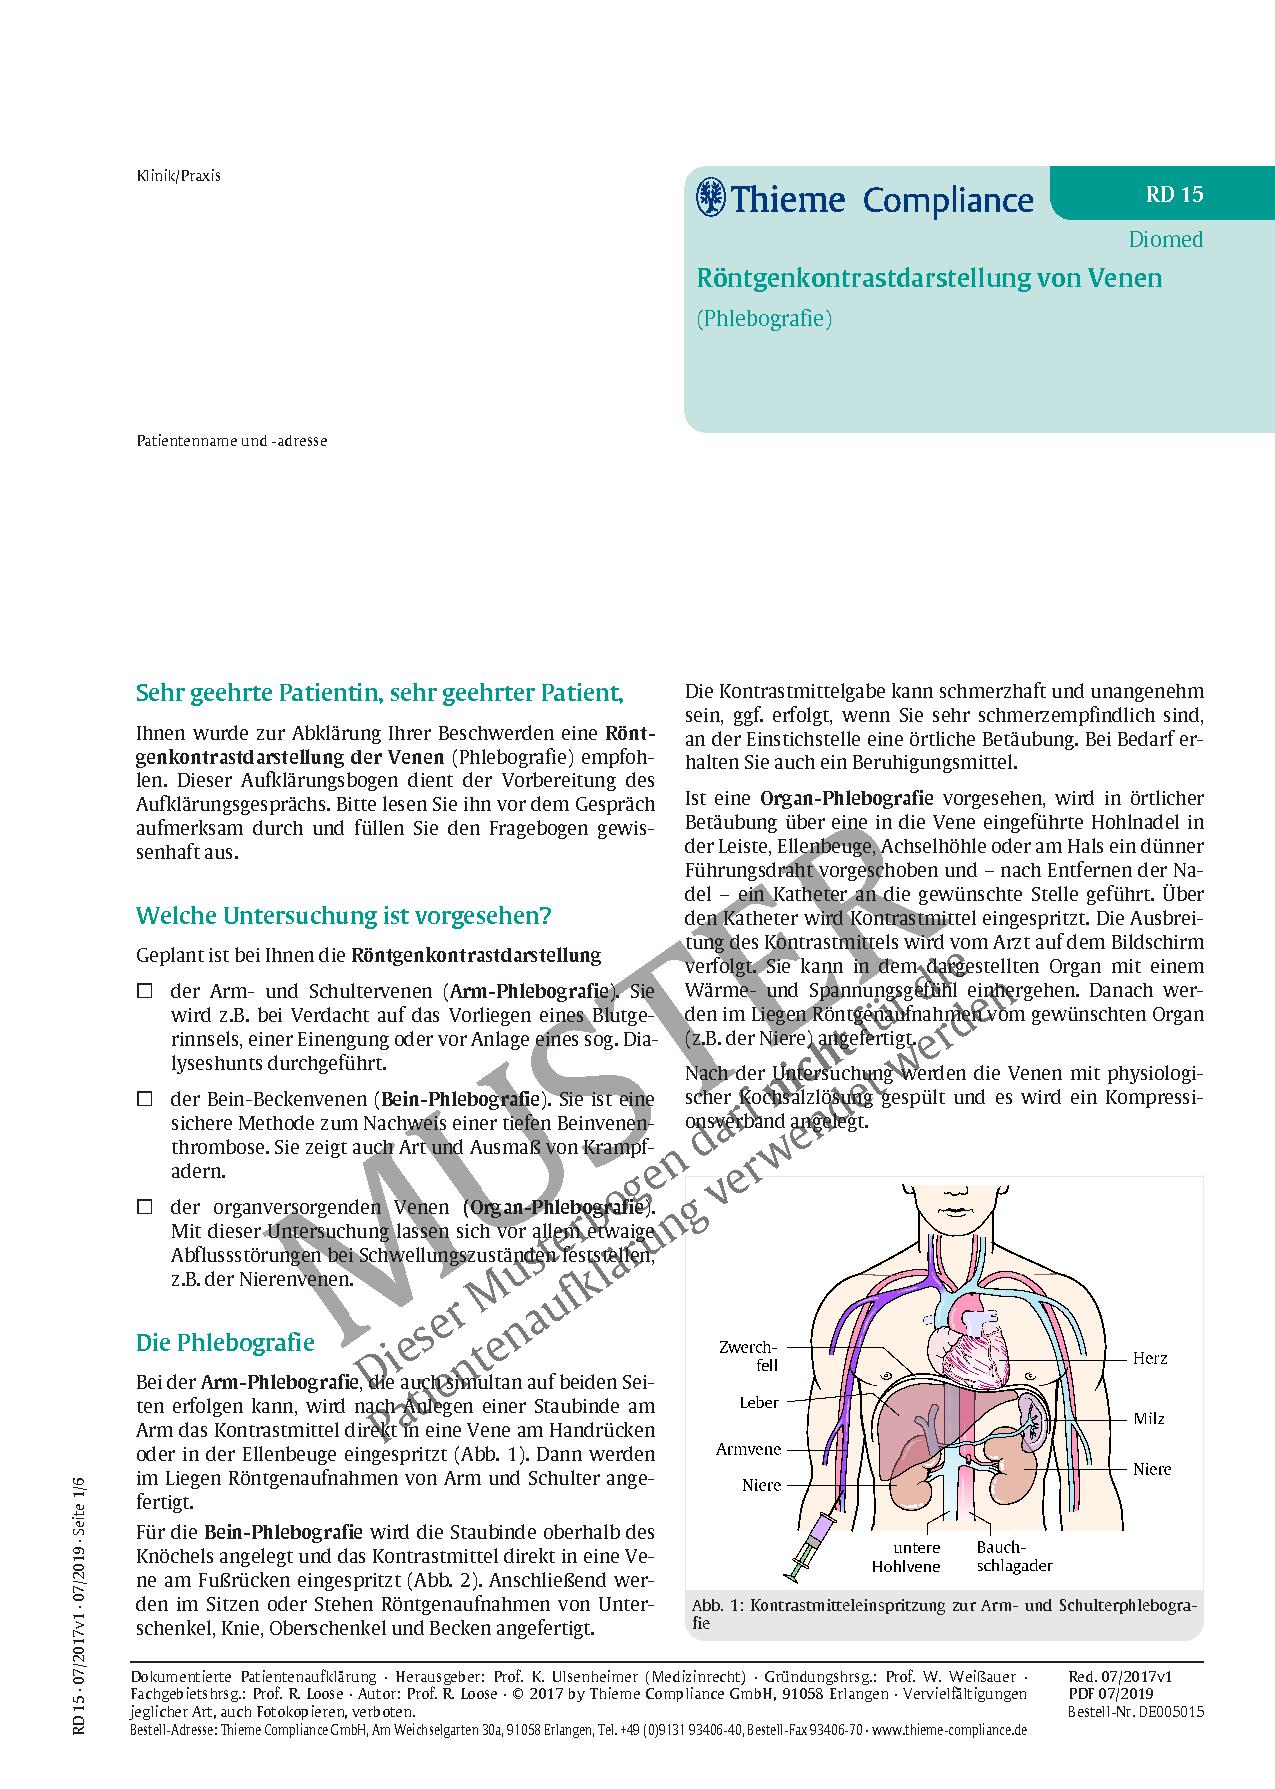 Atemberaubend Armvene Ideen - Anatomie Von Menschlichen ...